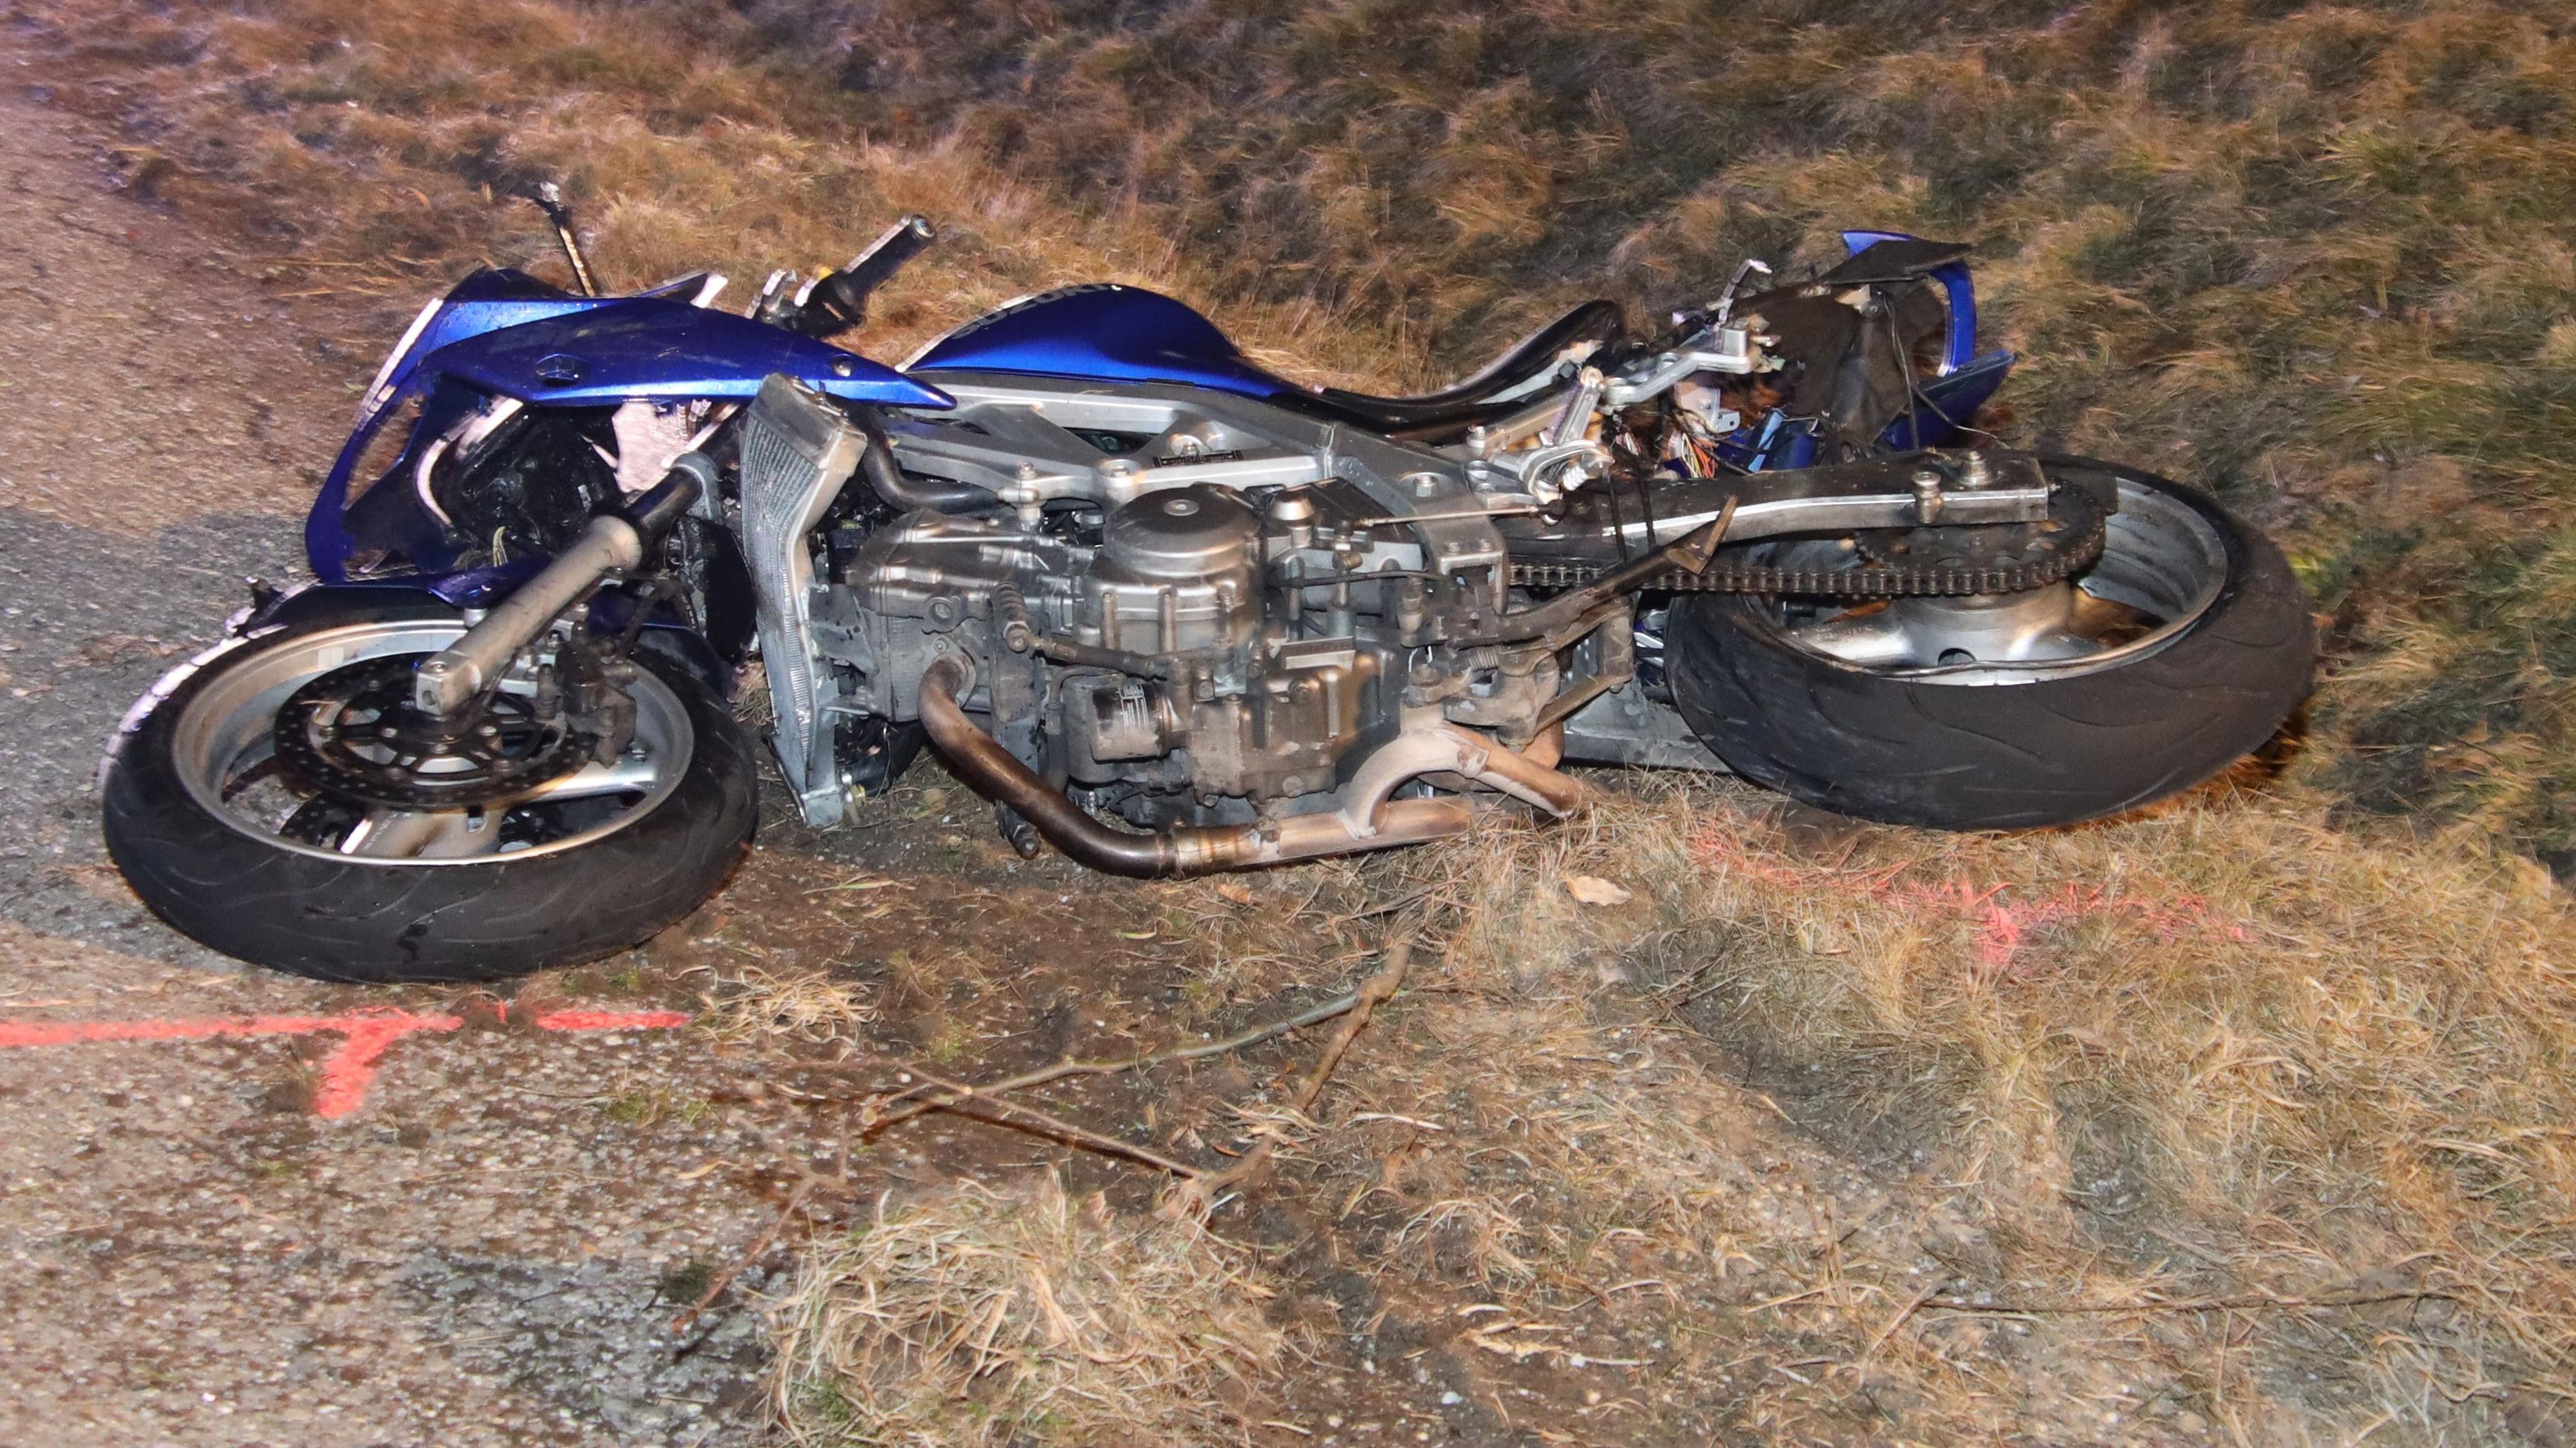 Das Motorrad der Verunglückten liegt im Graben